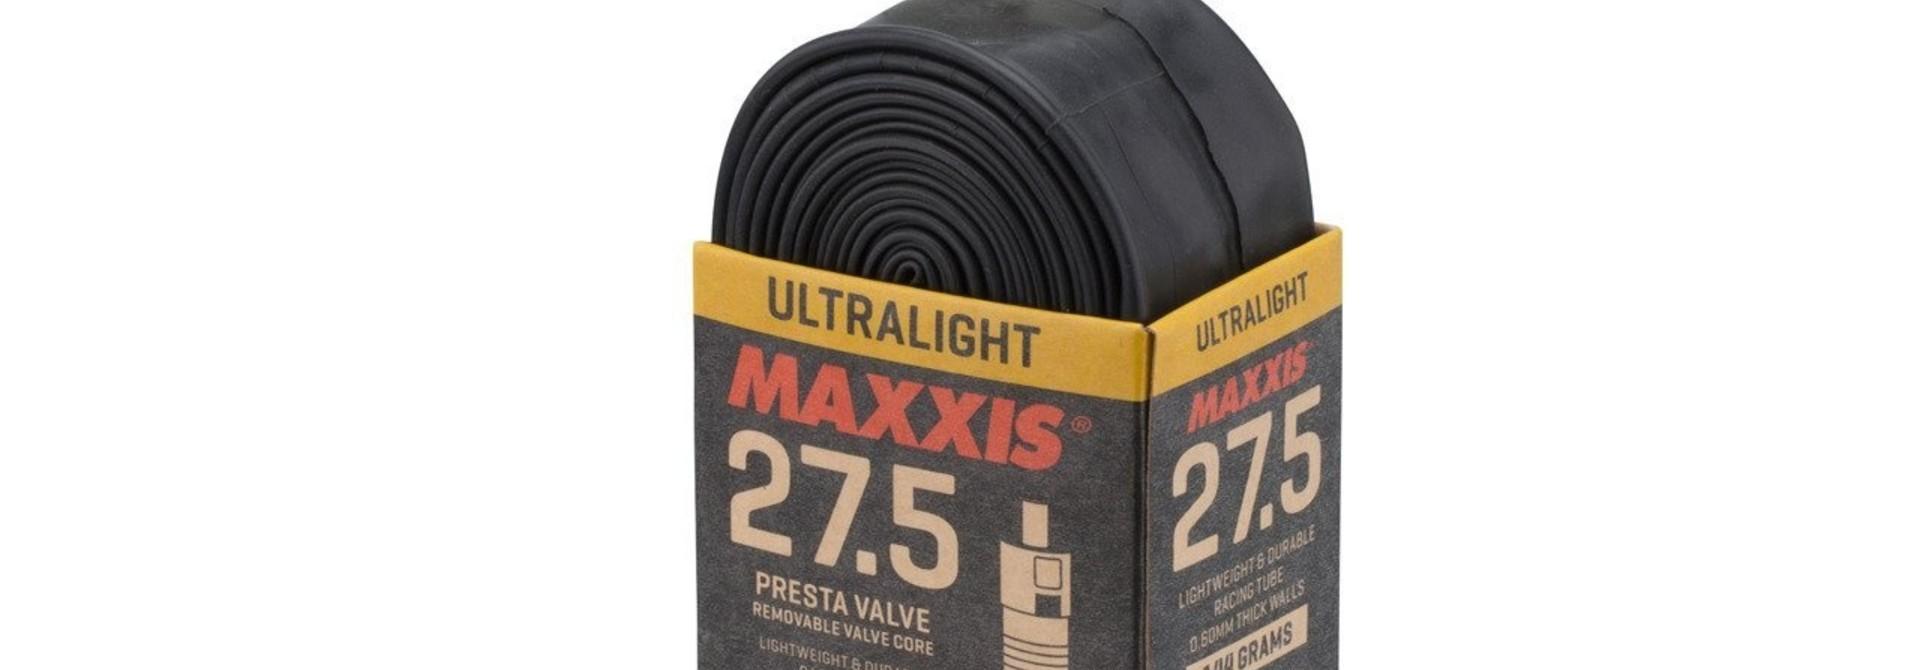 Maxxis Tube Ultralight 27.5X1.90/2.35 Presta (RVC) 48MM